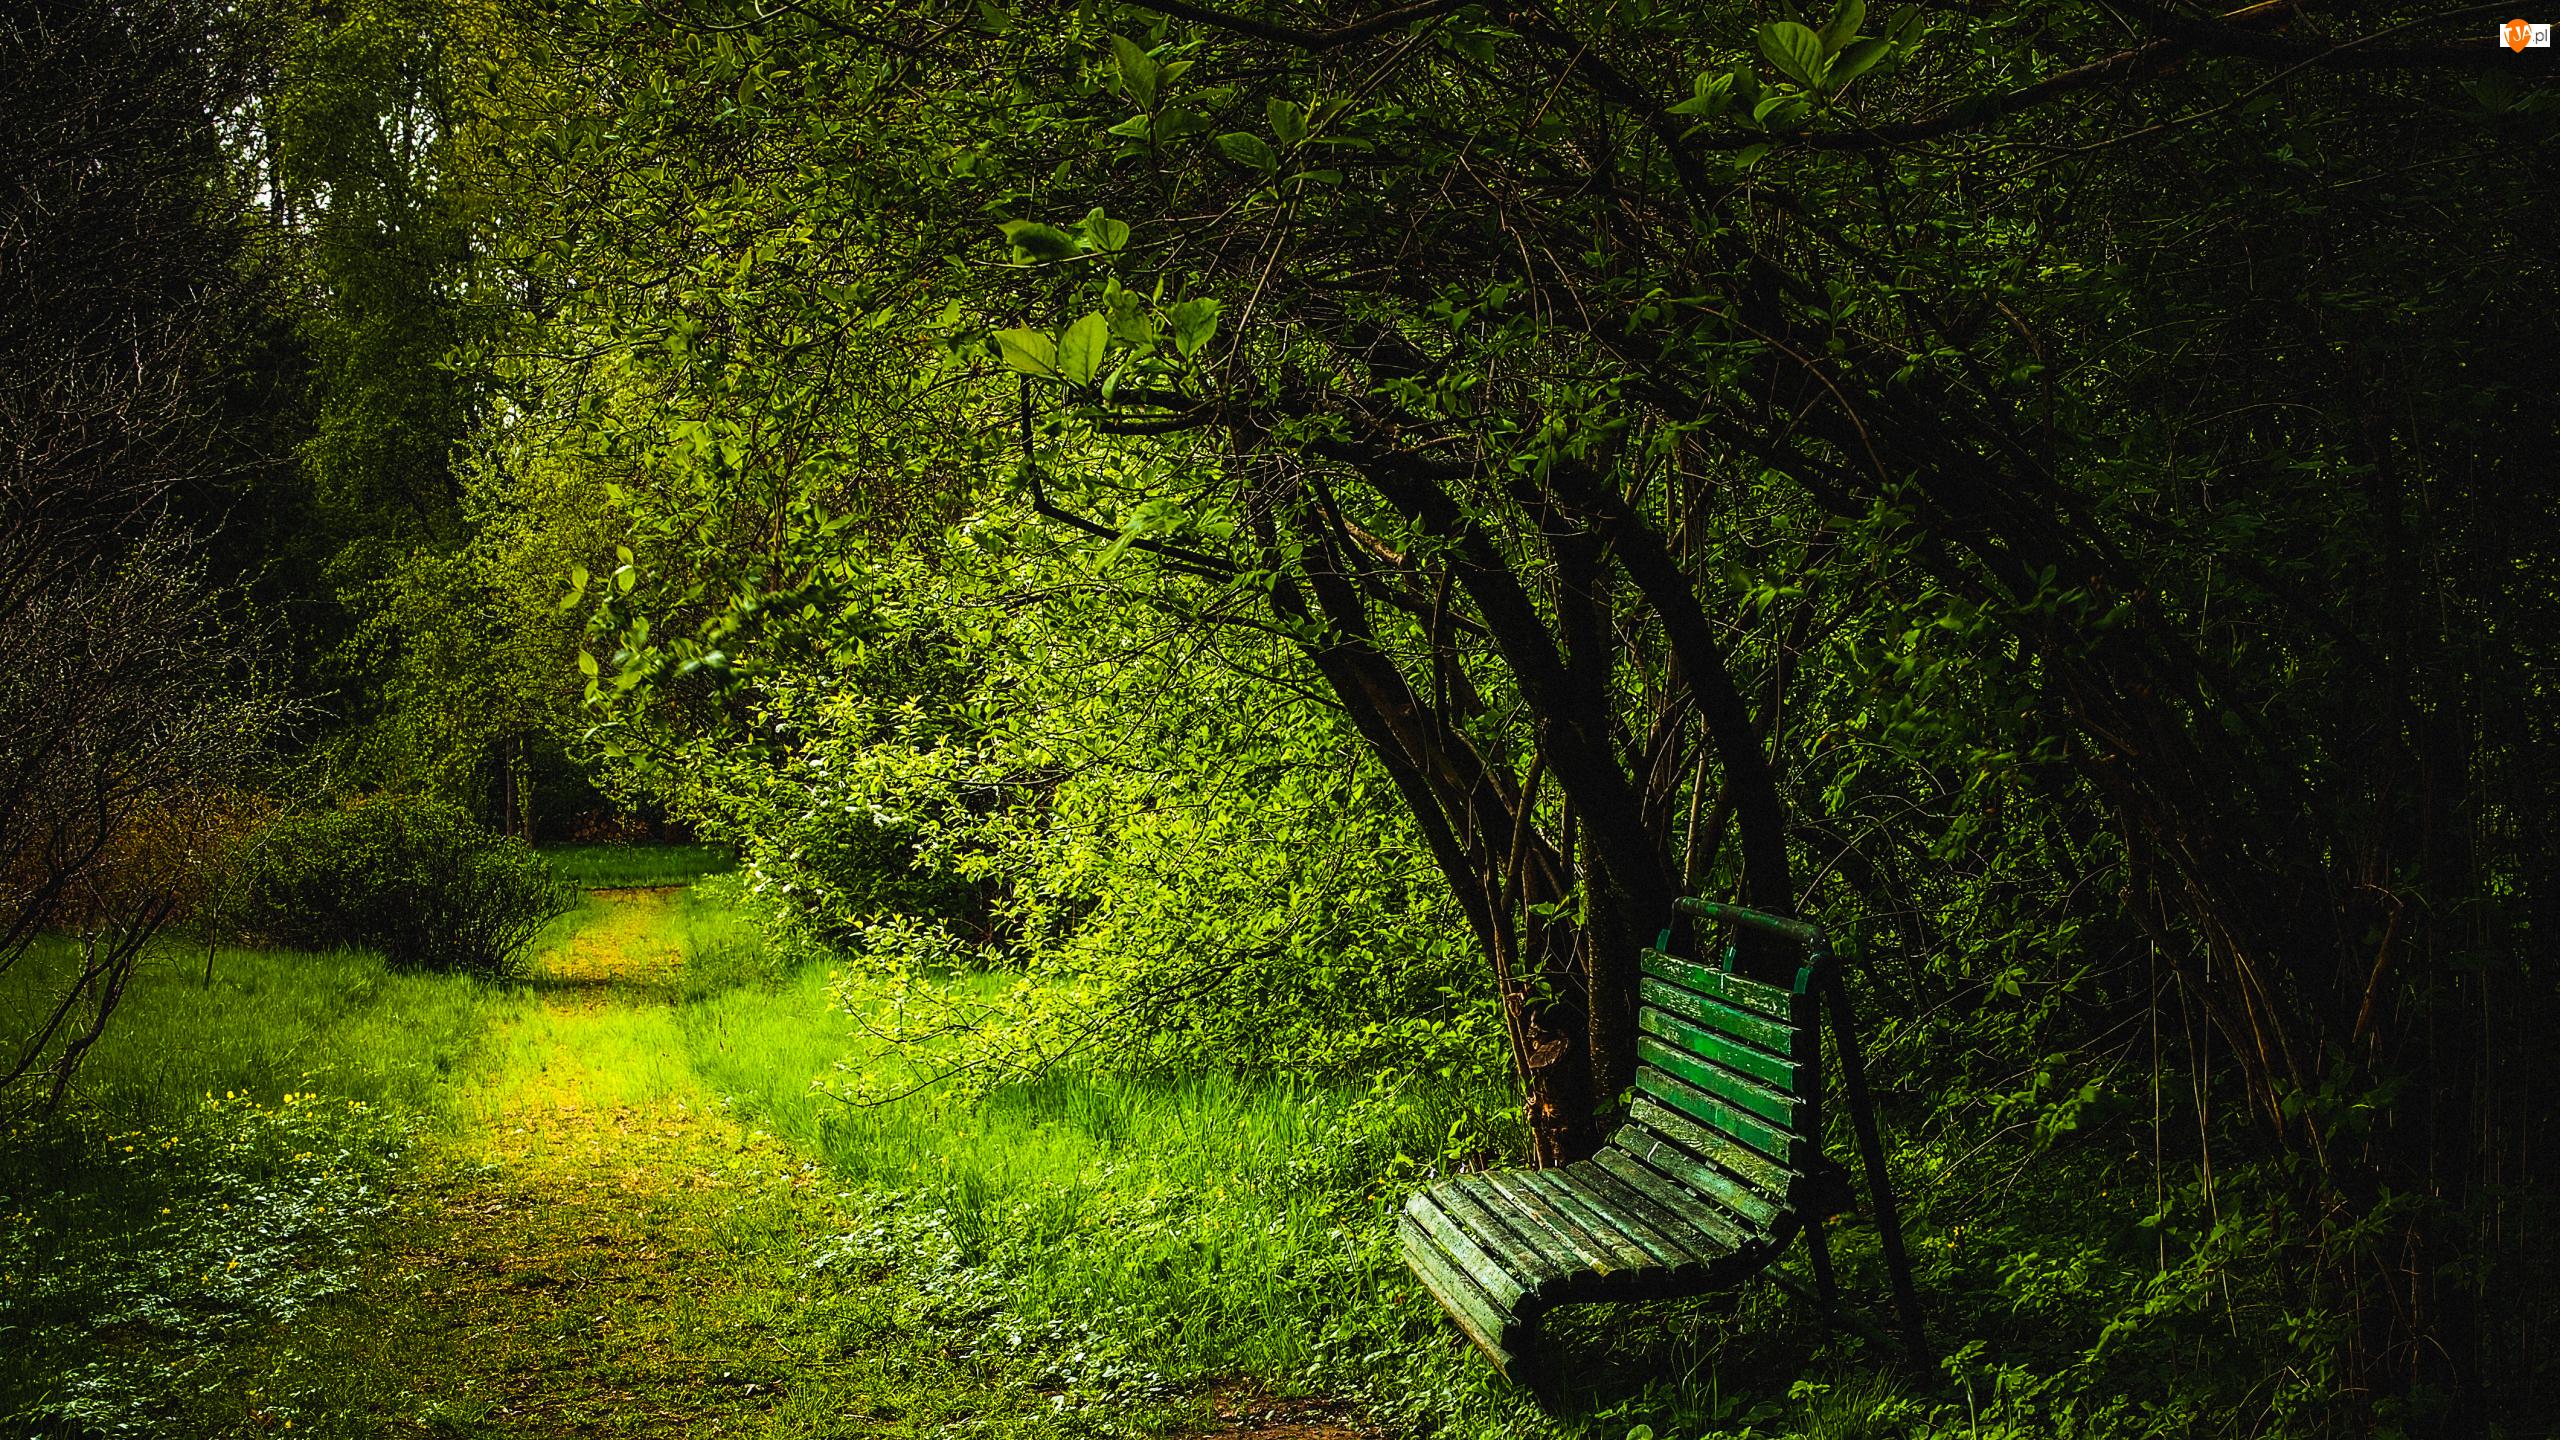 Ławka, Drzewa, Roślinność, Ścieżka